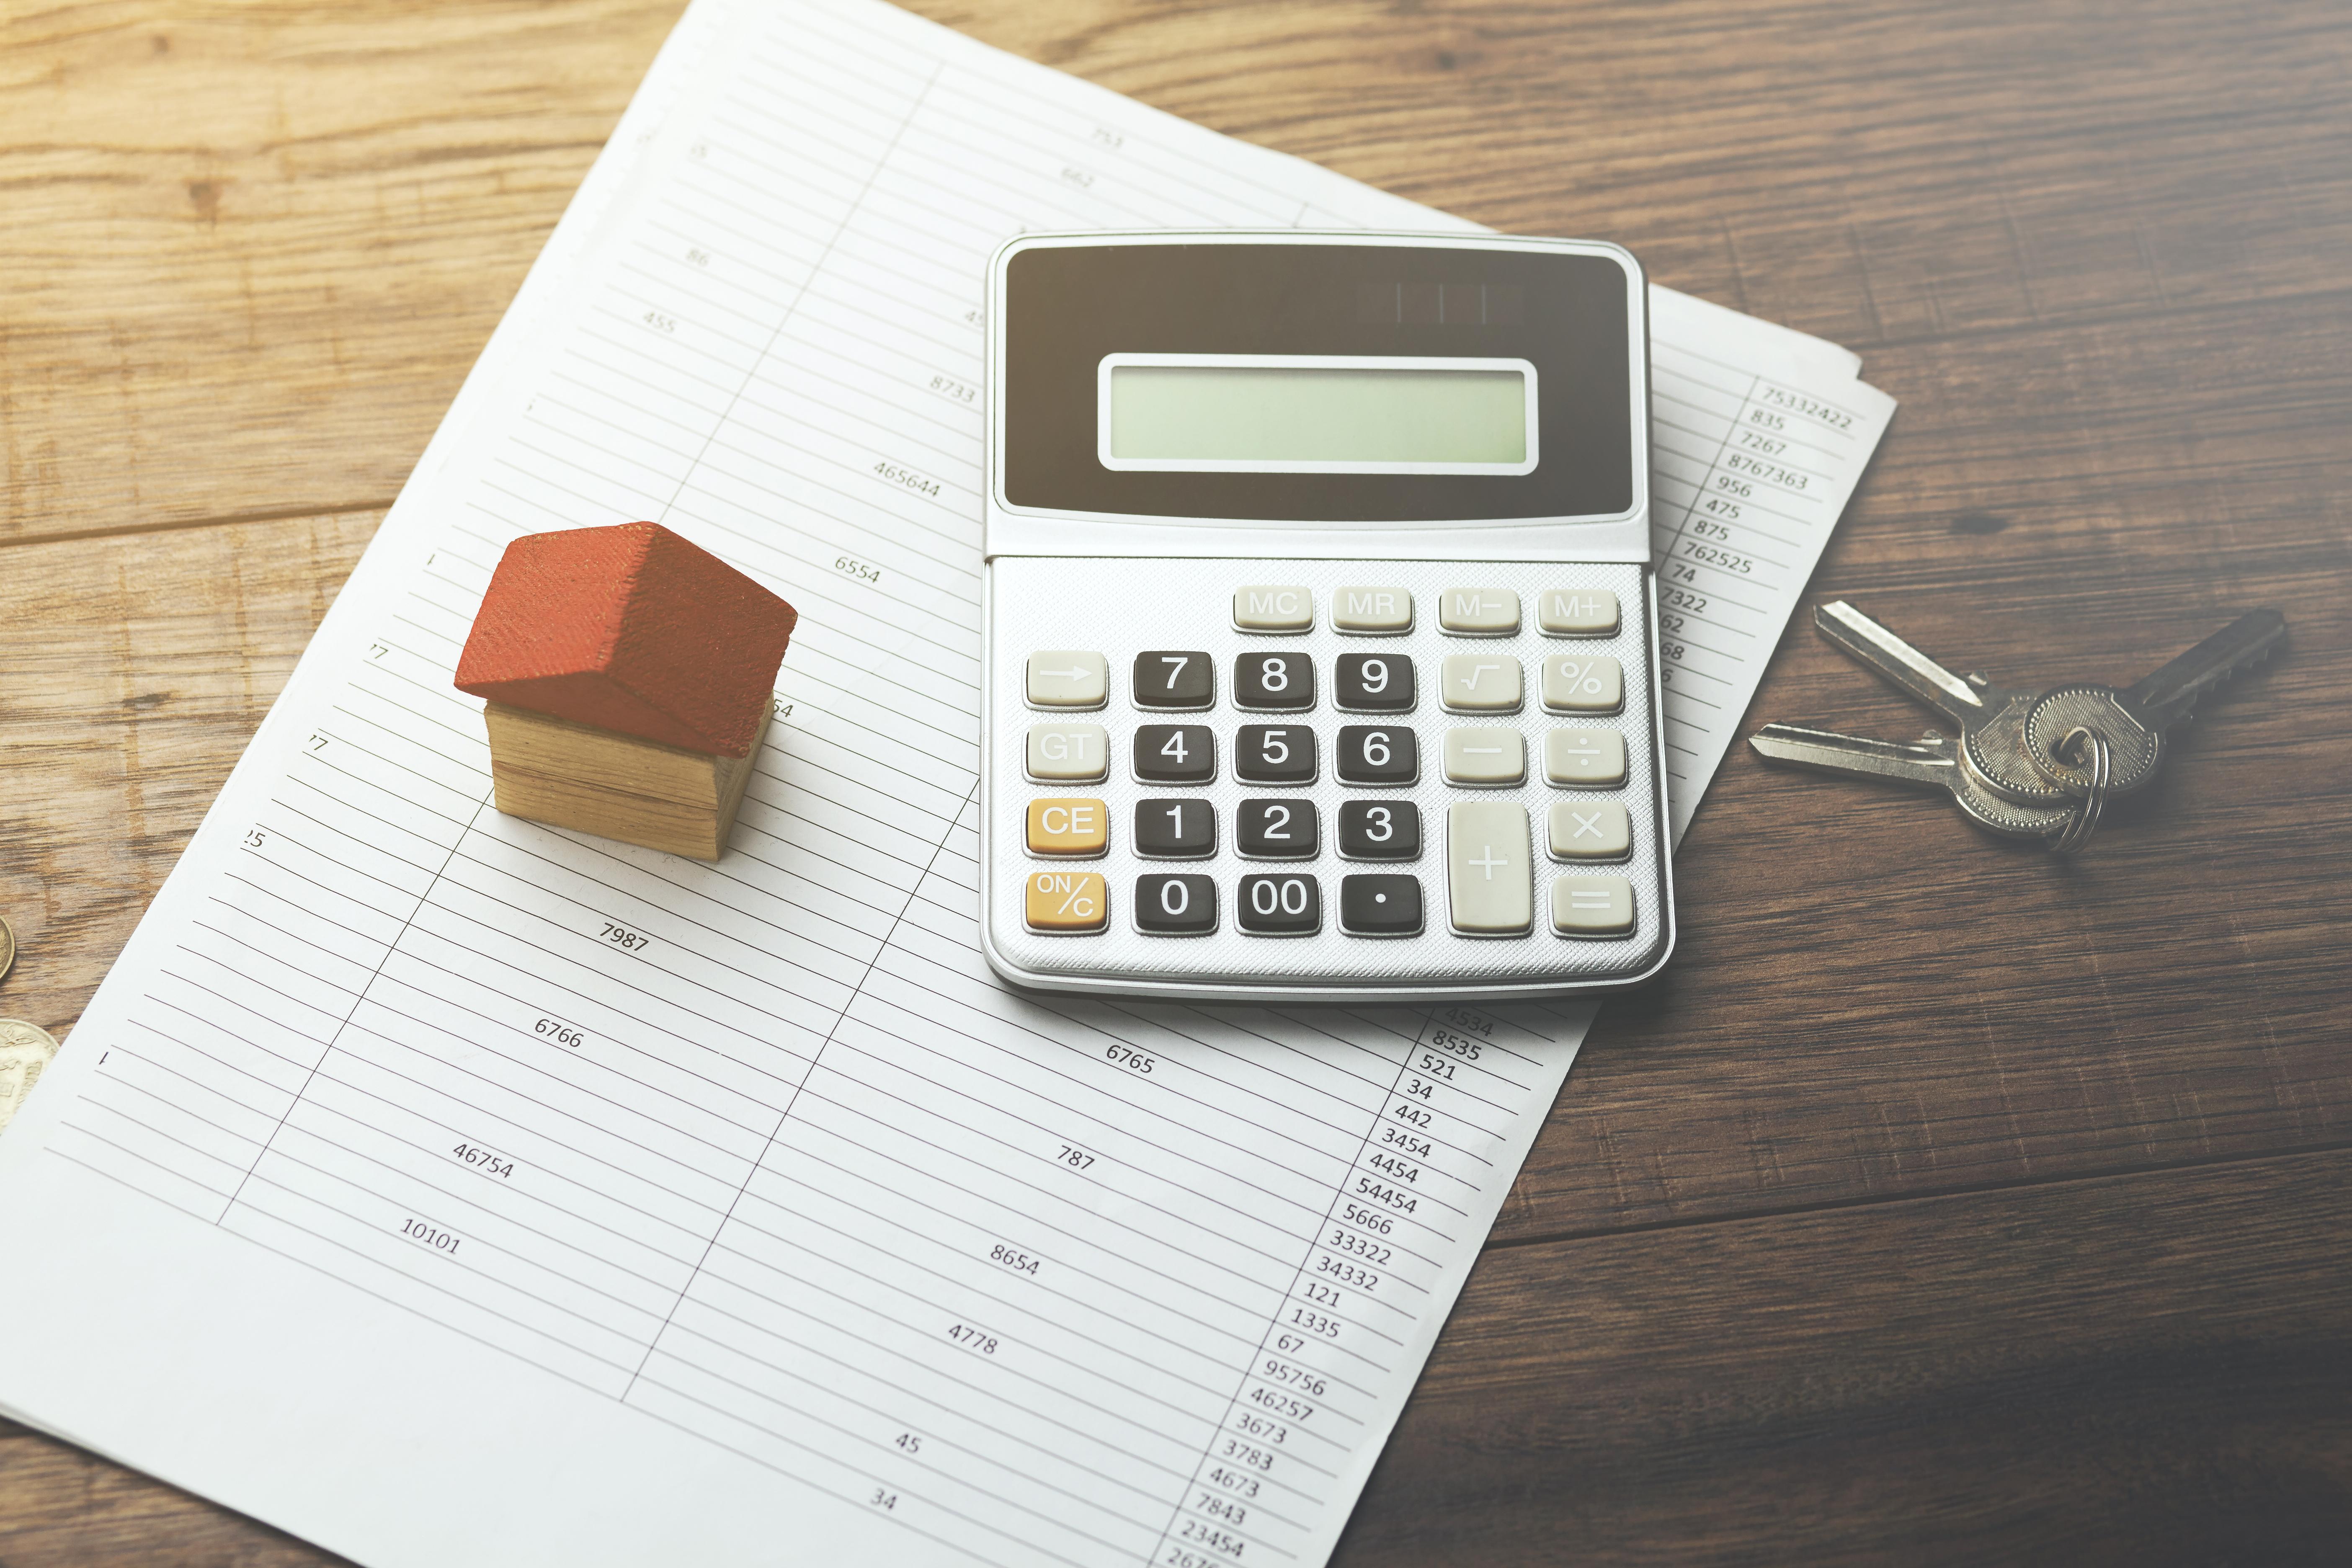 Vente d'un bien à un promoteur : quels sont les éléments permettant de fixer le prix ?